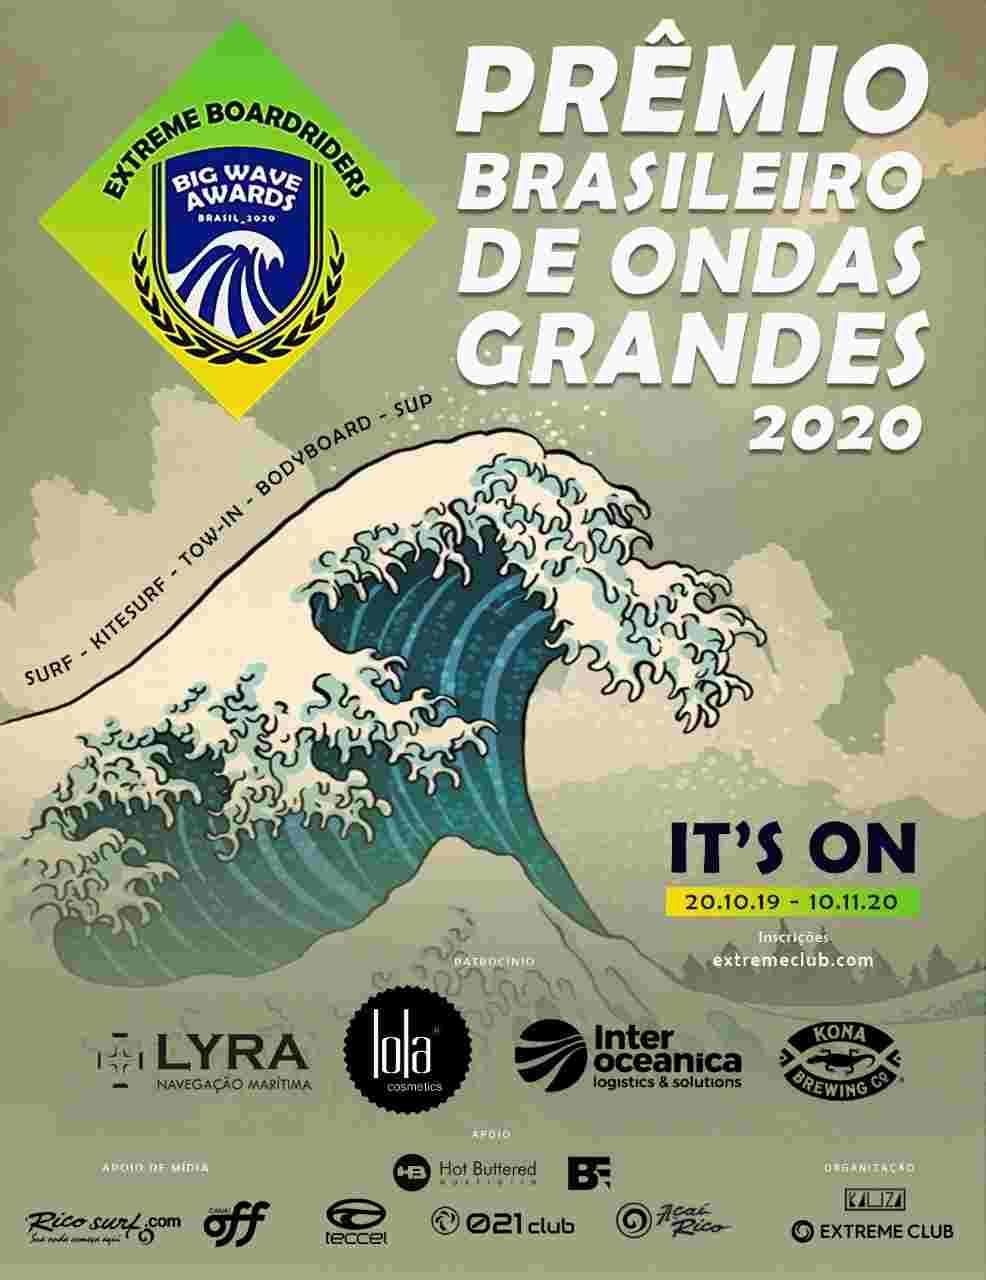 Prêmio mostra as maiores e mais impressionantes ondas do país